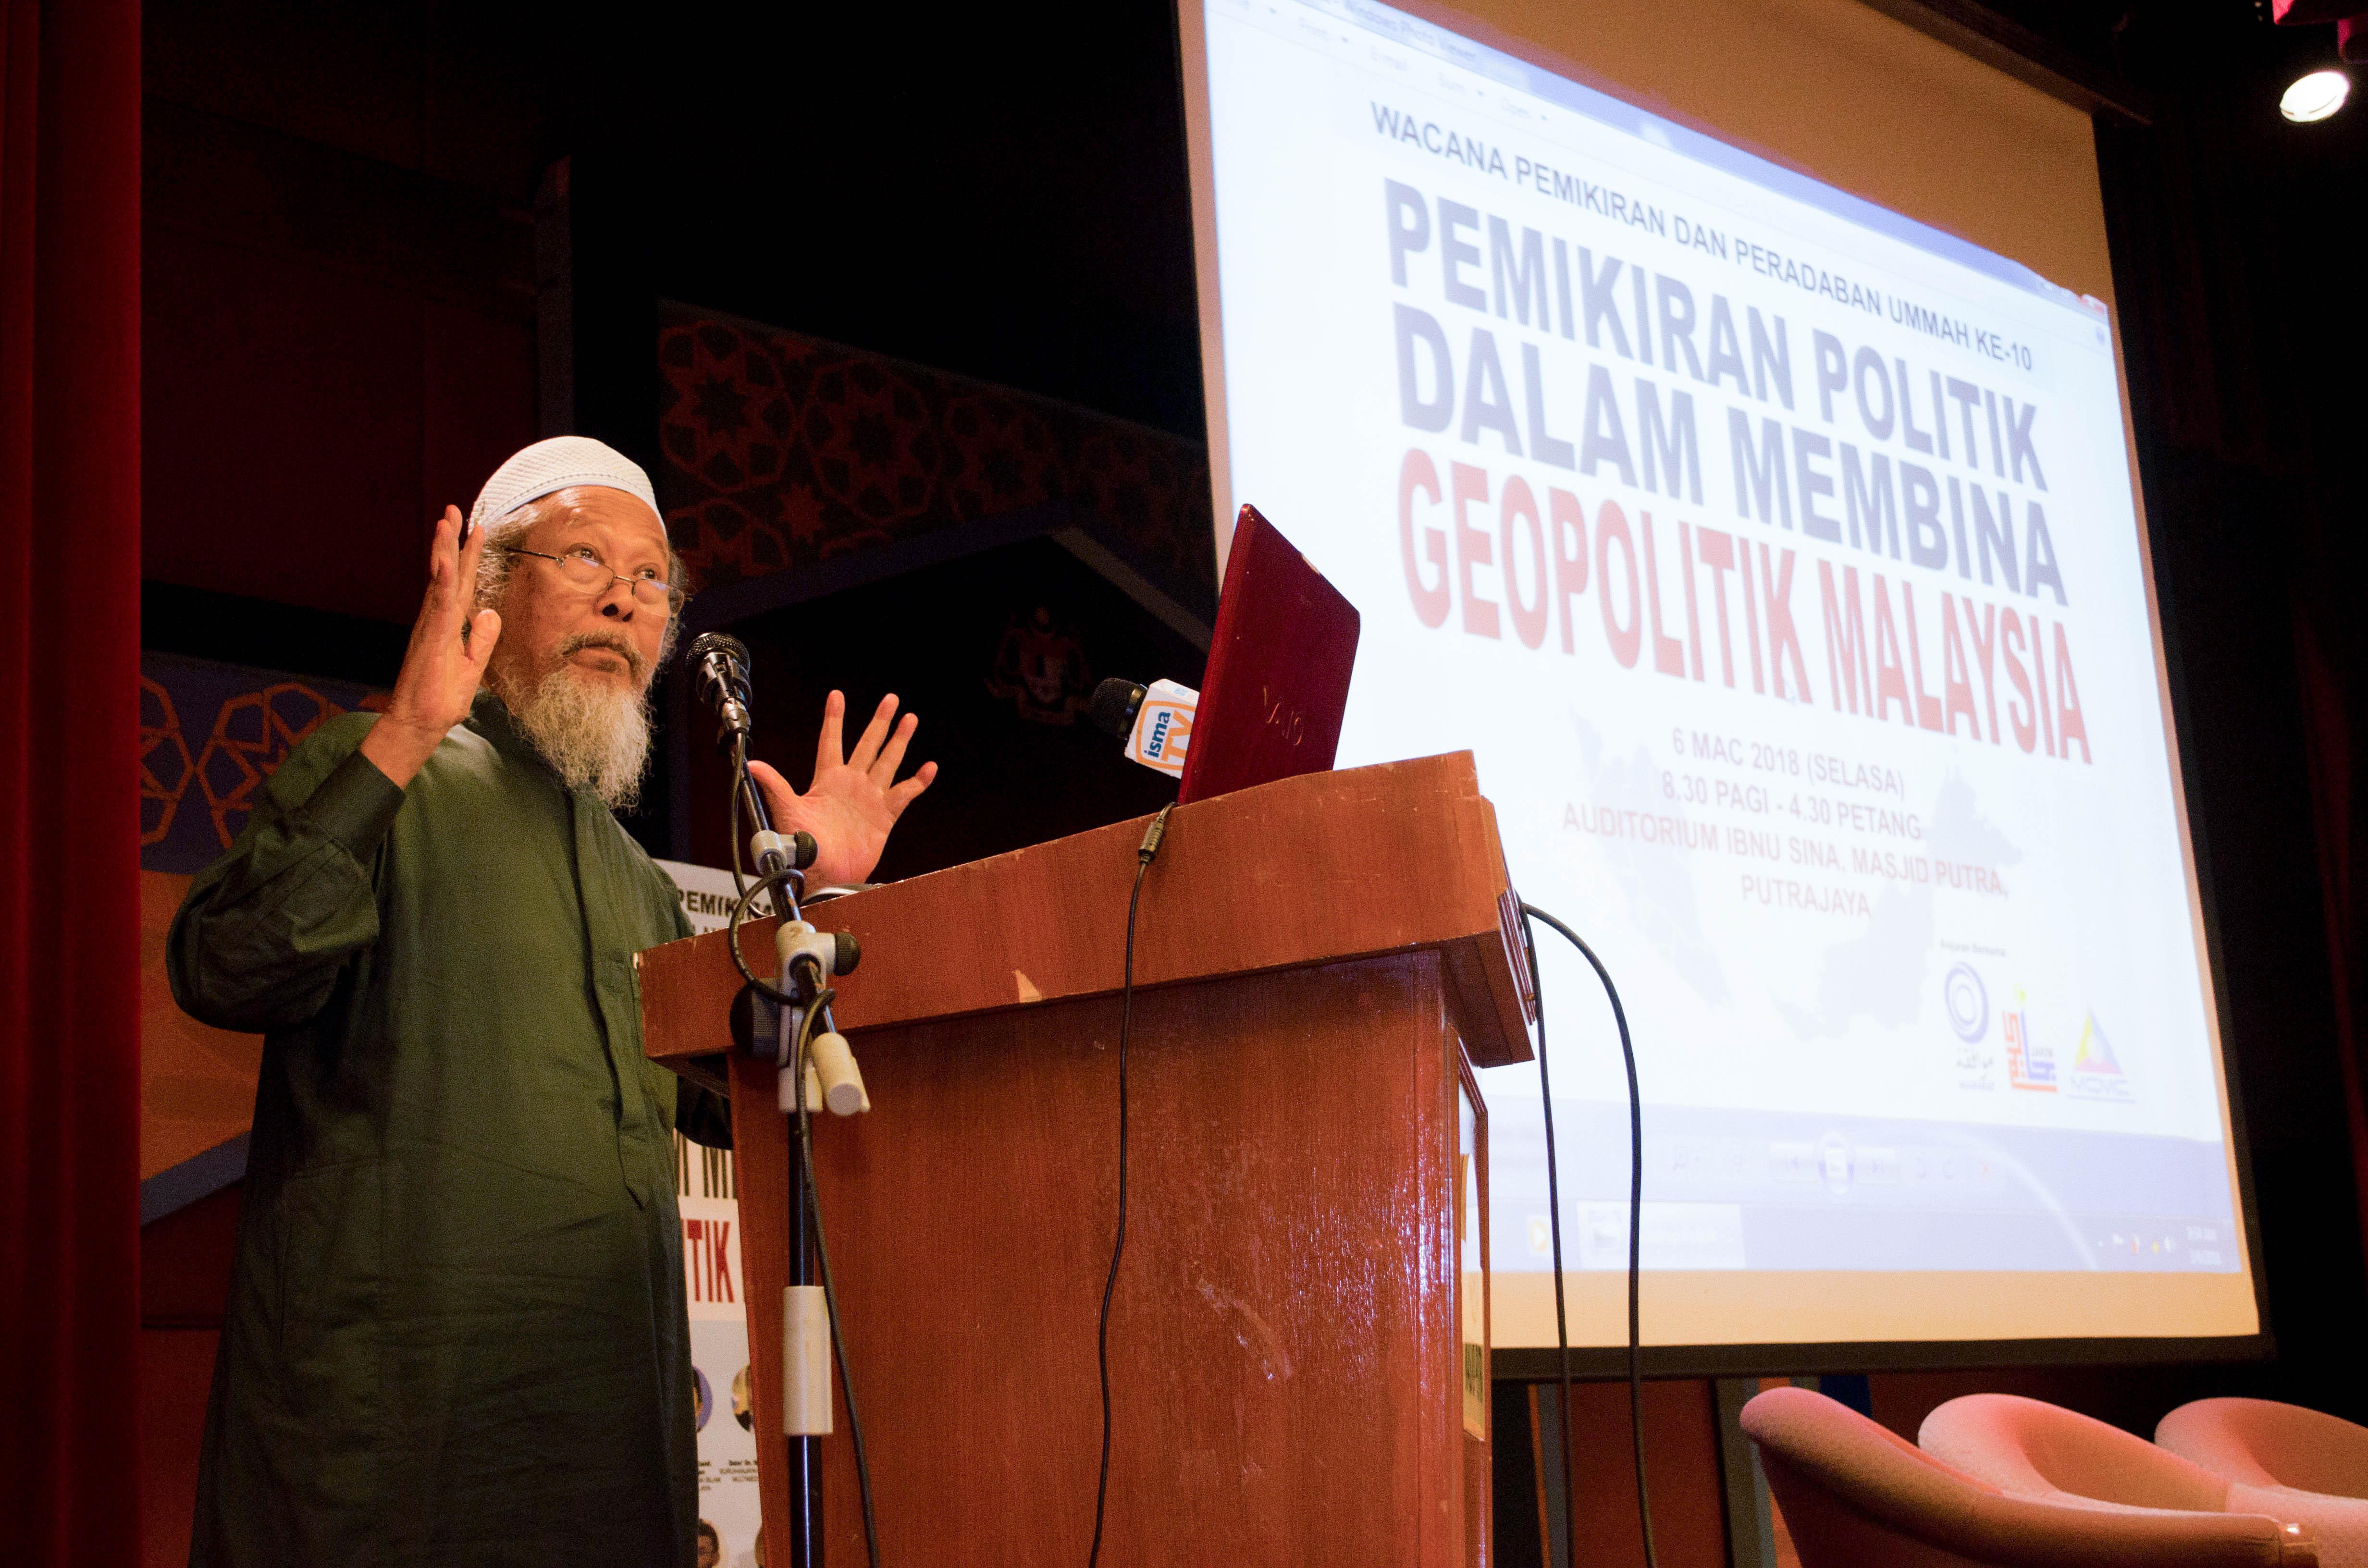 Speaker; Ustaz Ismail Mina